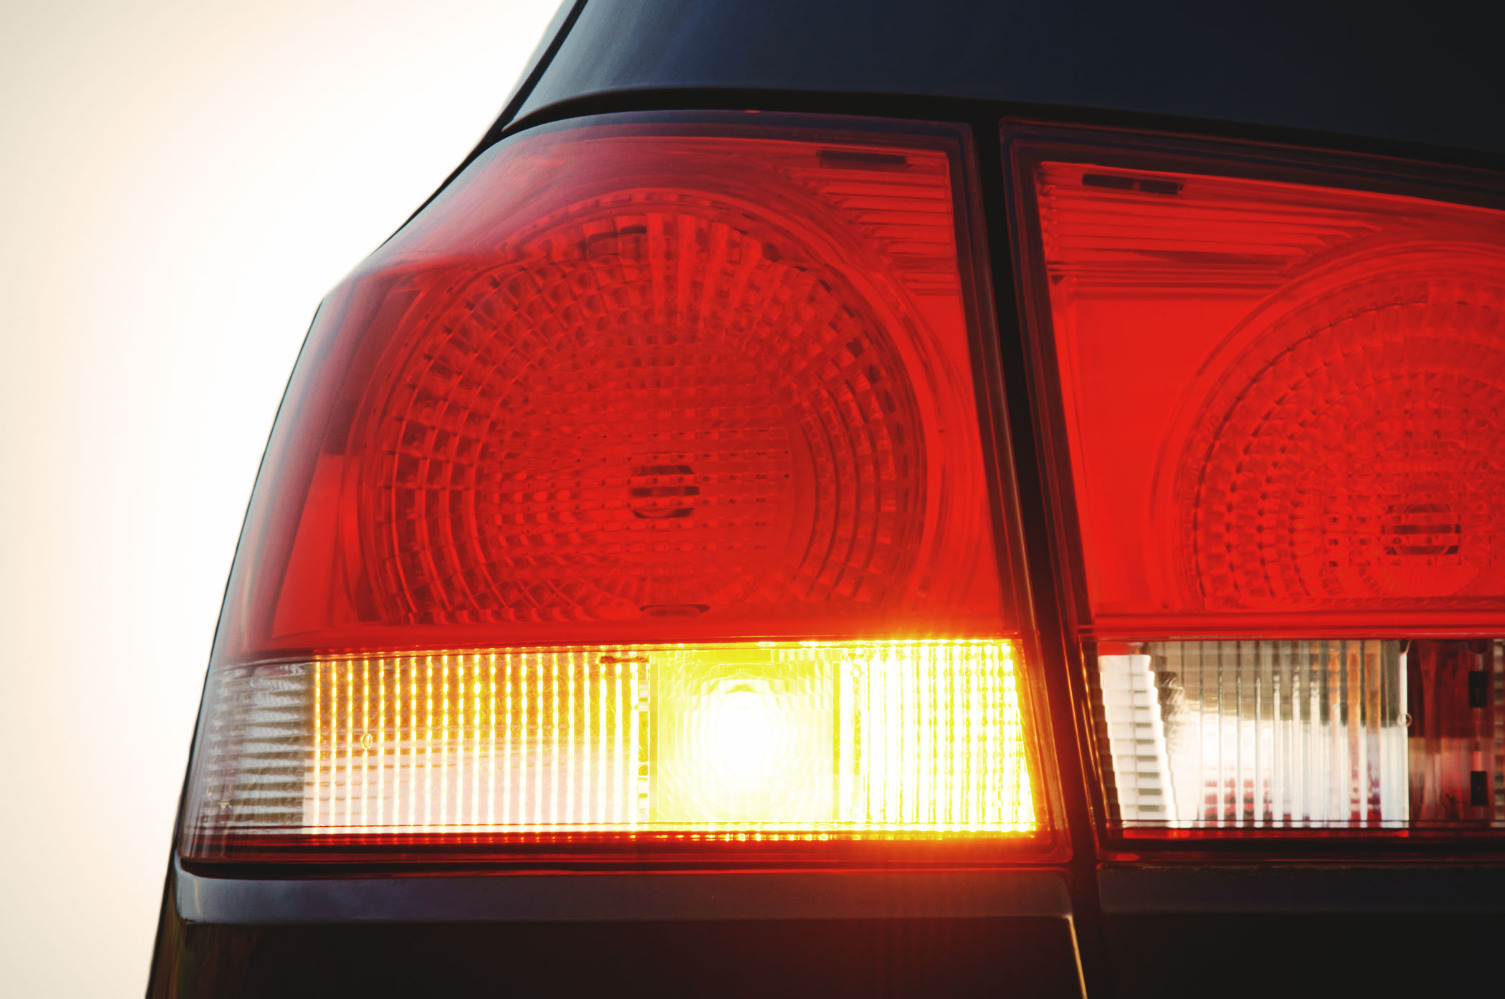 Семь световых сигналов, которыми водители «общаются» друг с другом 1